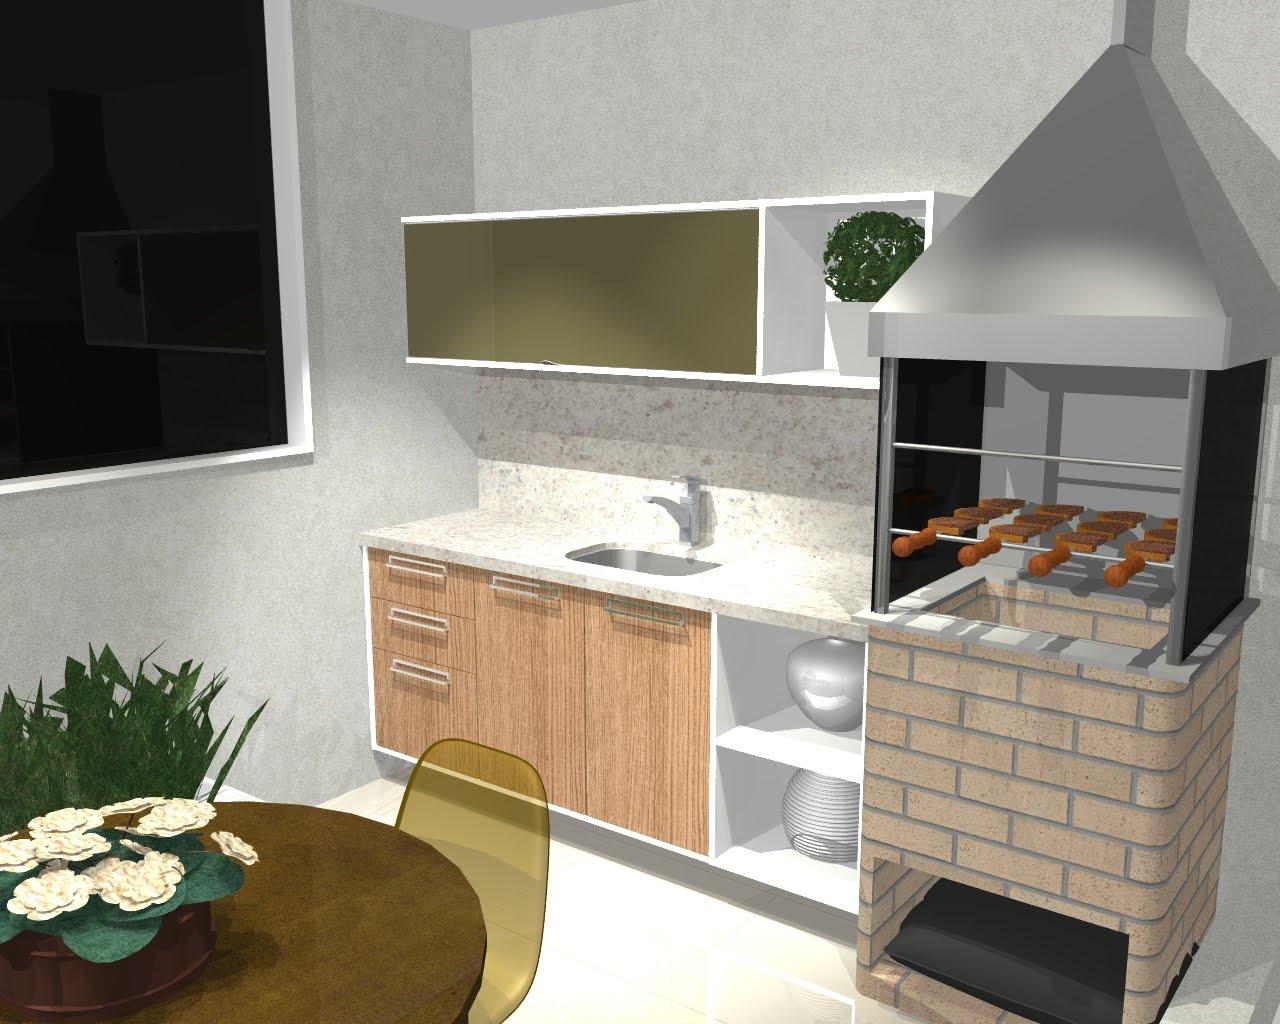 Carolina Lira Design de Interiores: Fevereiro 2011 #624A22 1280 1024